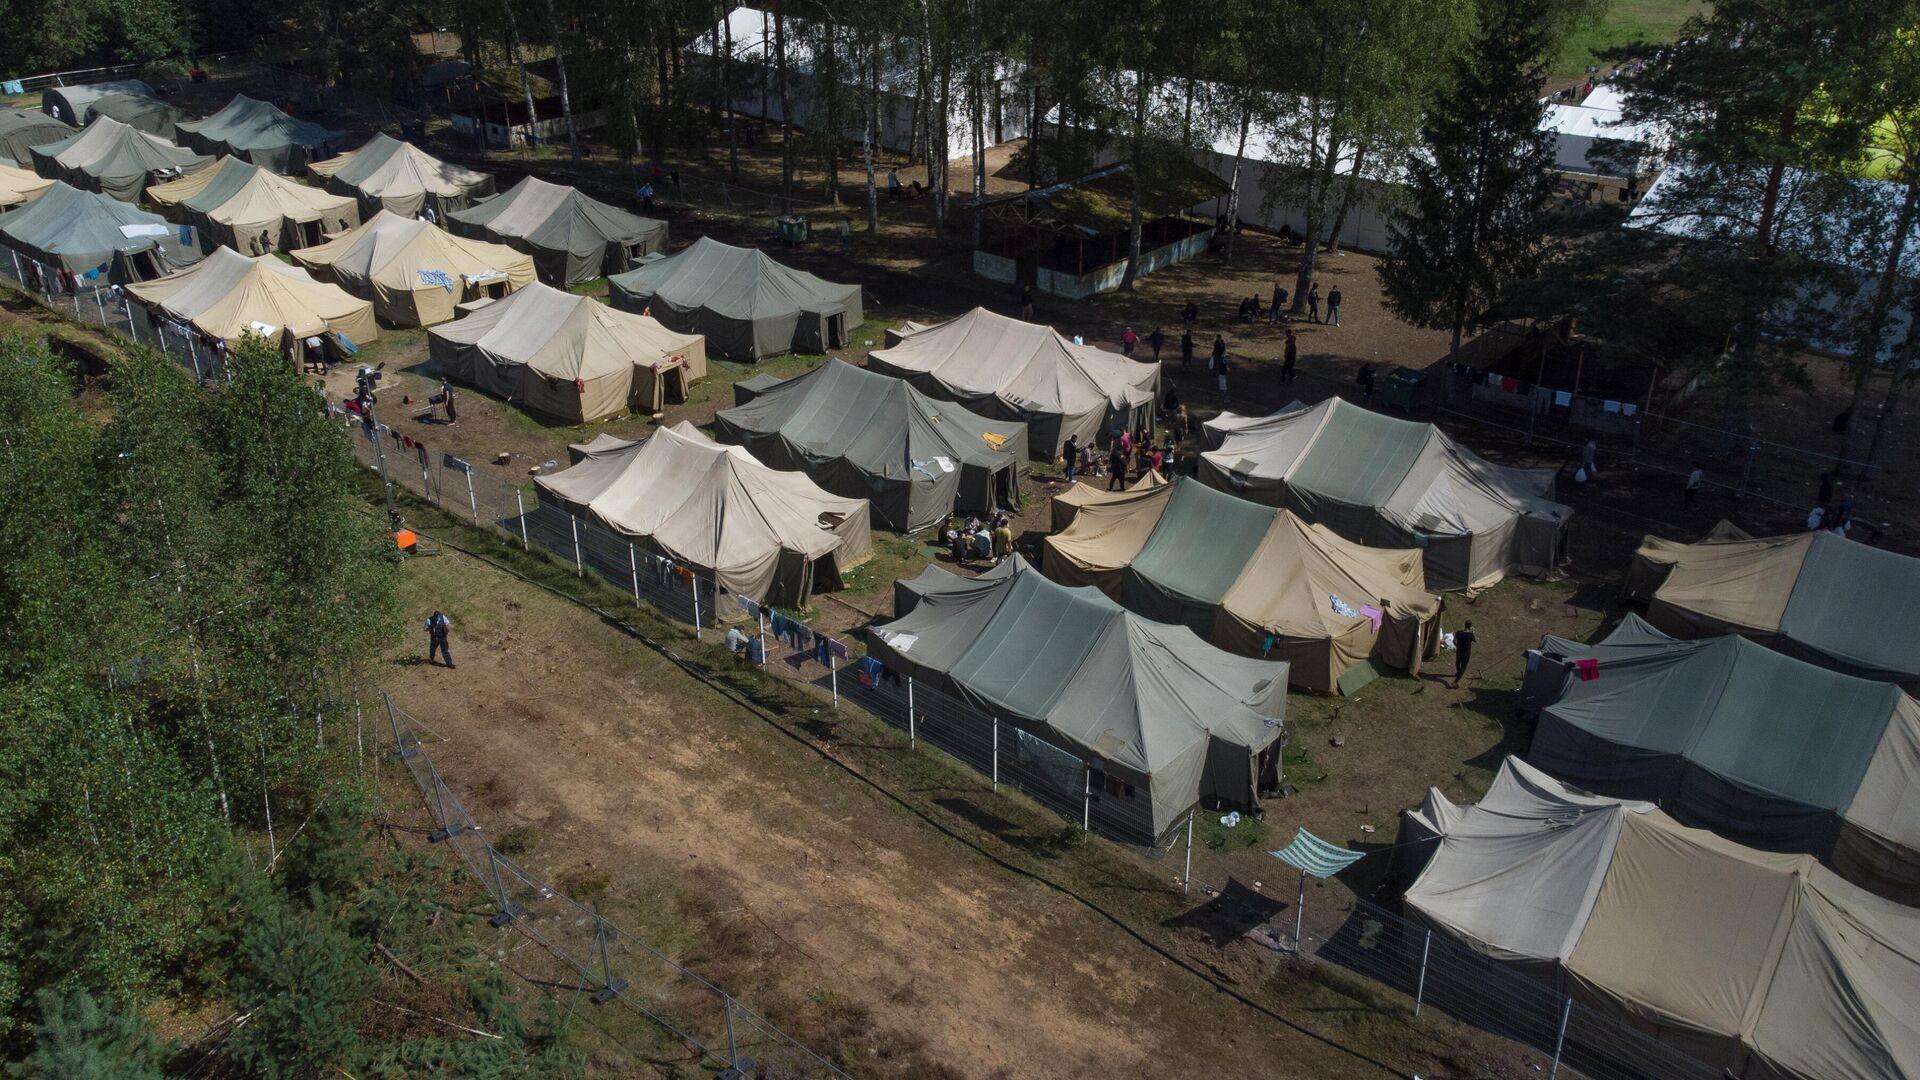 Migrantenlager an der weissrussisch-litauischen Grenze - SNA, 1920, 13.08.2021